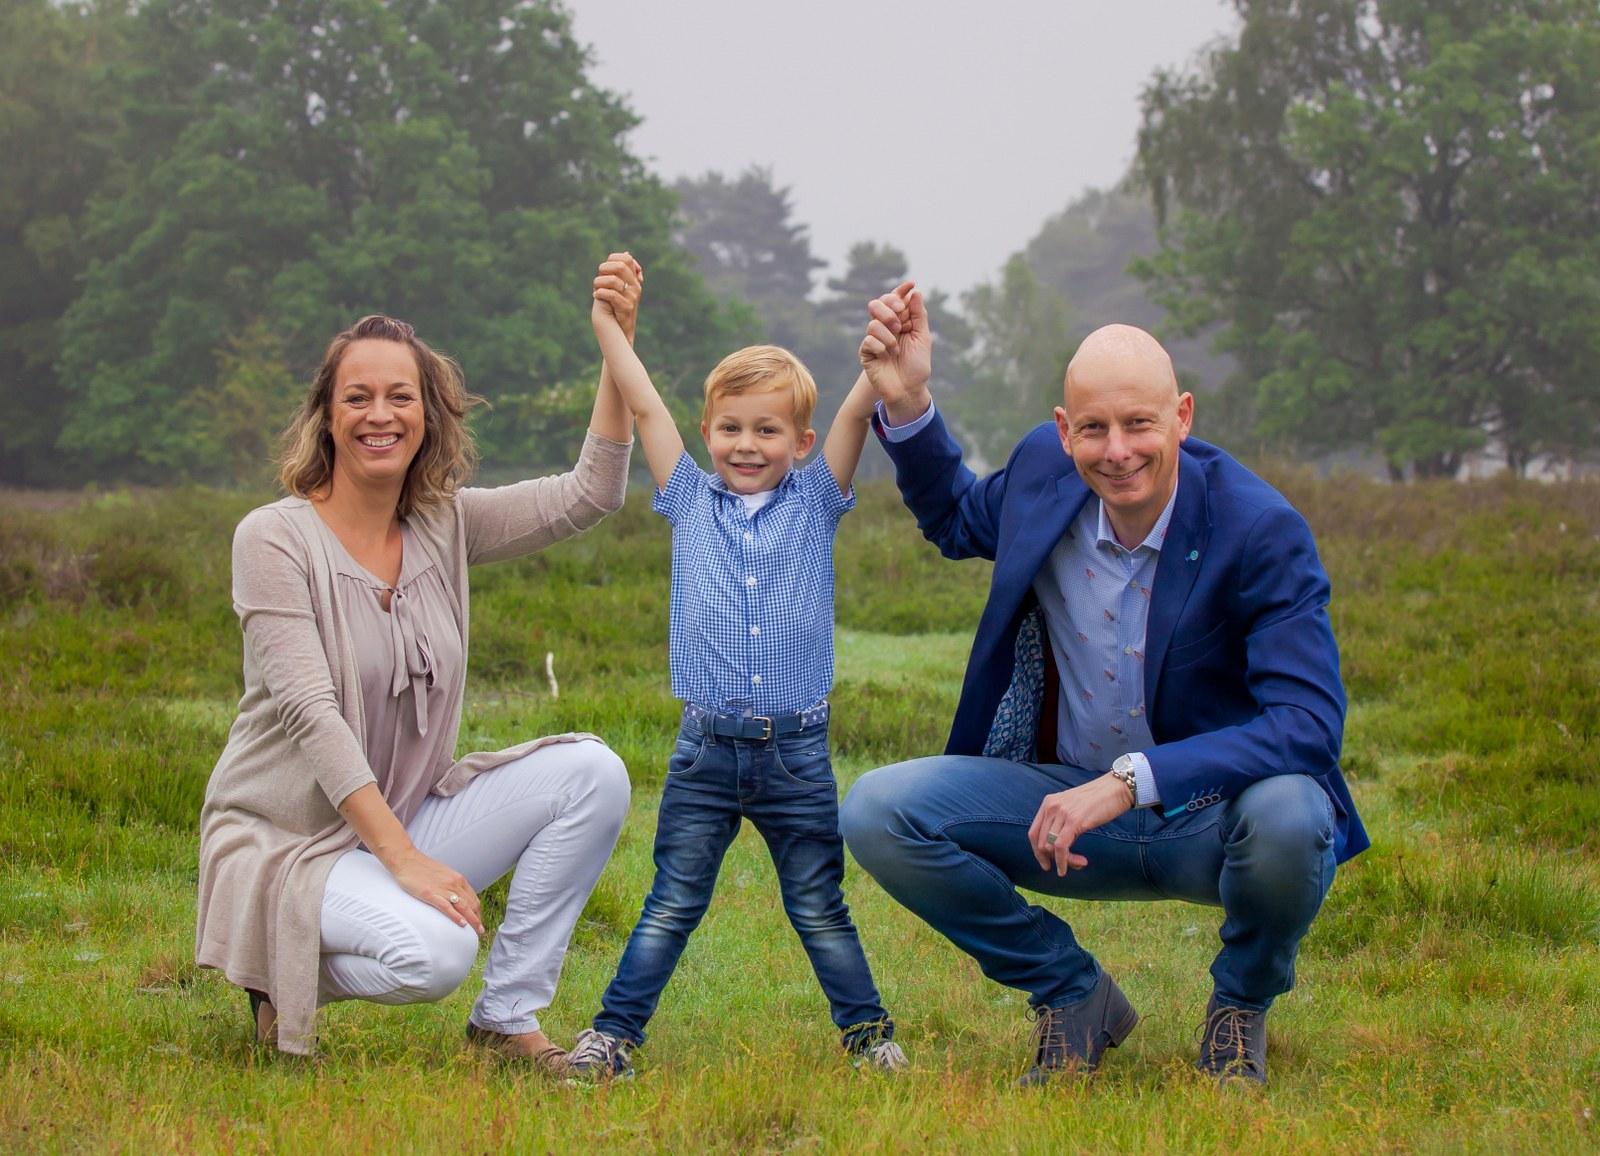 gezins-portret,gezin-fotografie,